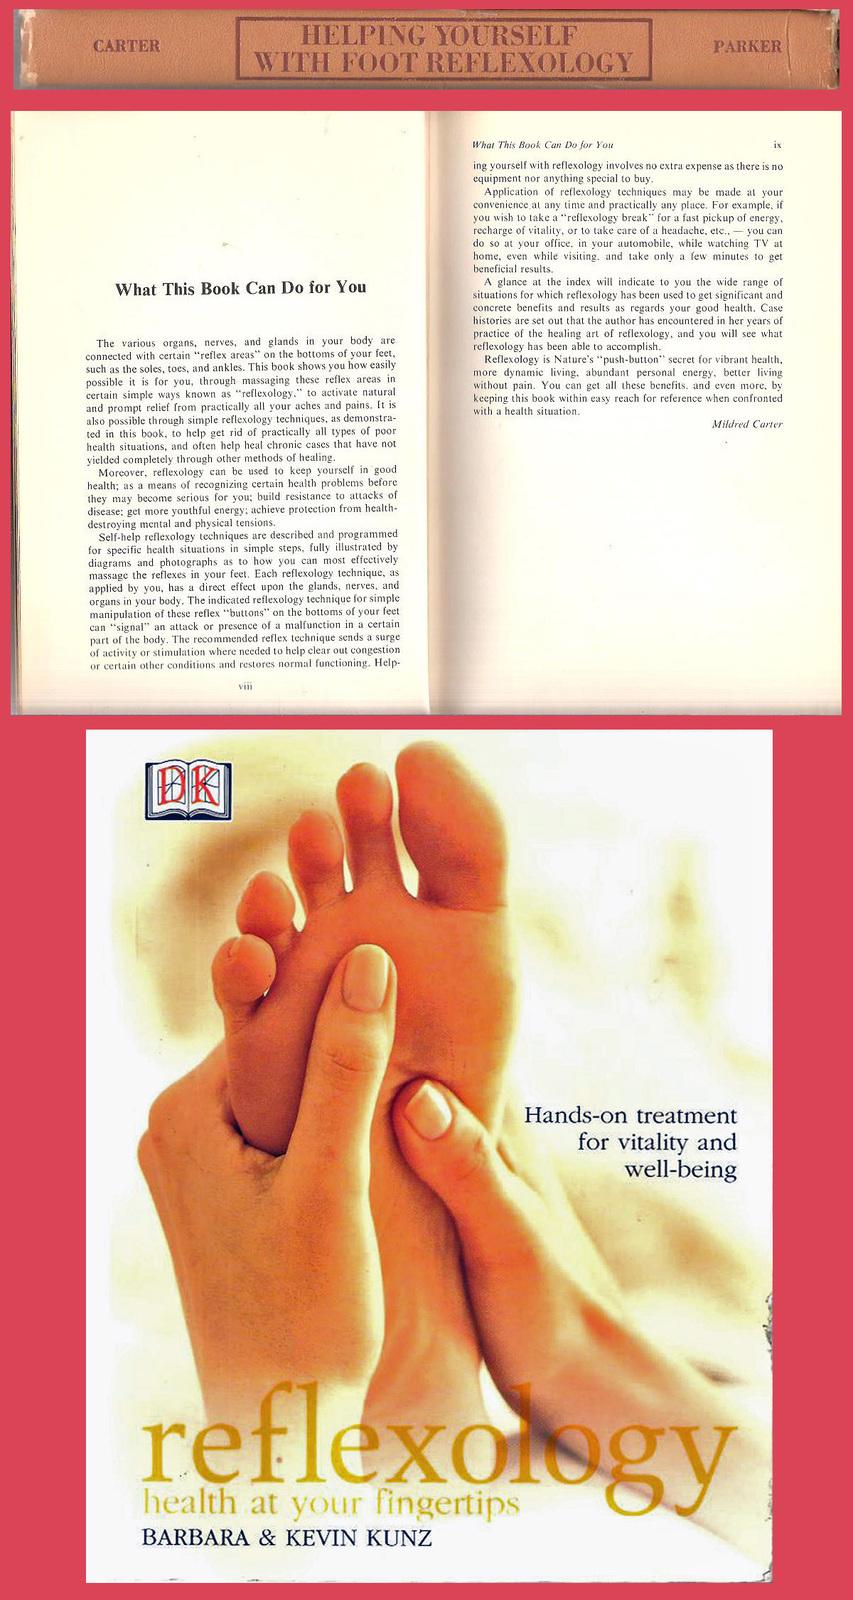 10 Health Benefits of Foot Reflexology Massage